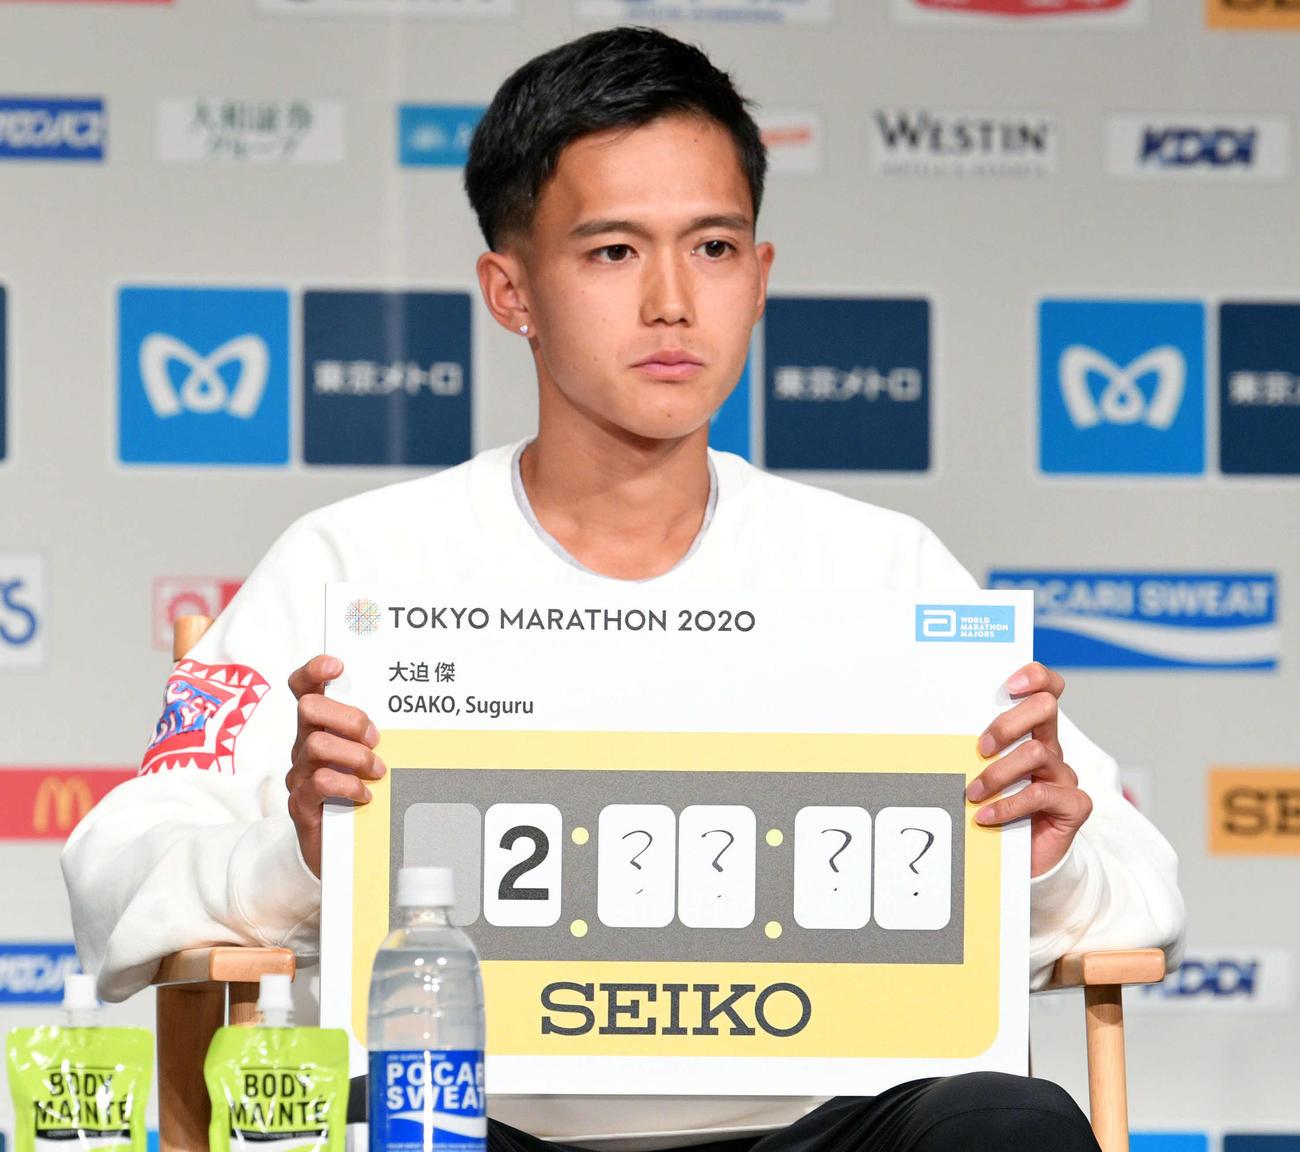 東京マラソン2020 プレスカンファレンスで目標記録を「?」と記した大迫(撮影・滝沢徹郎)